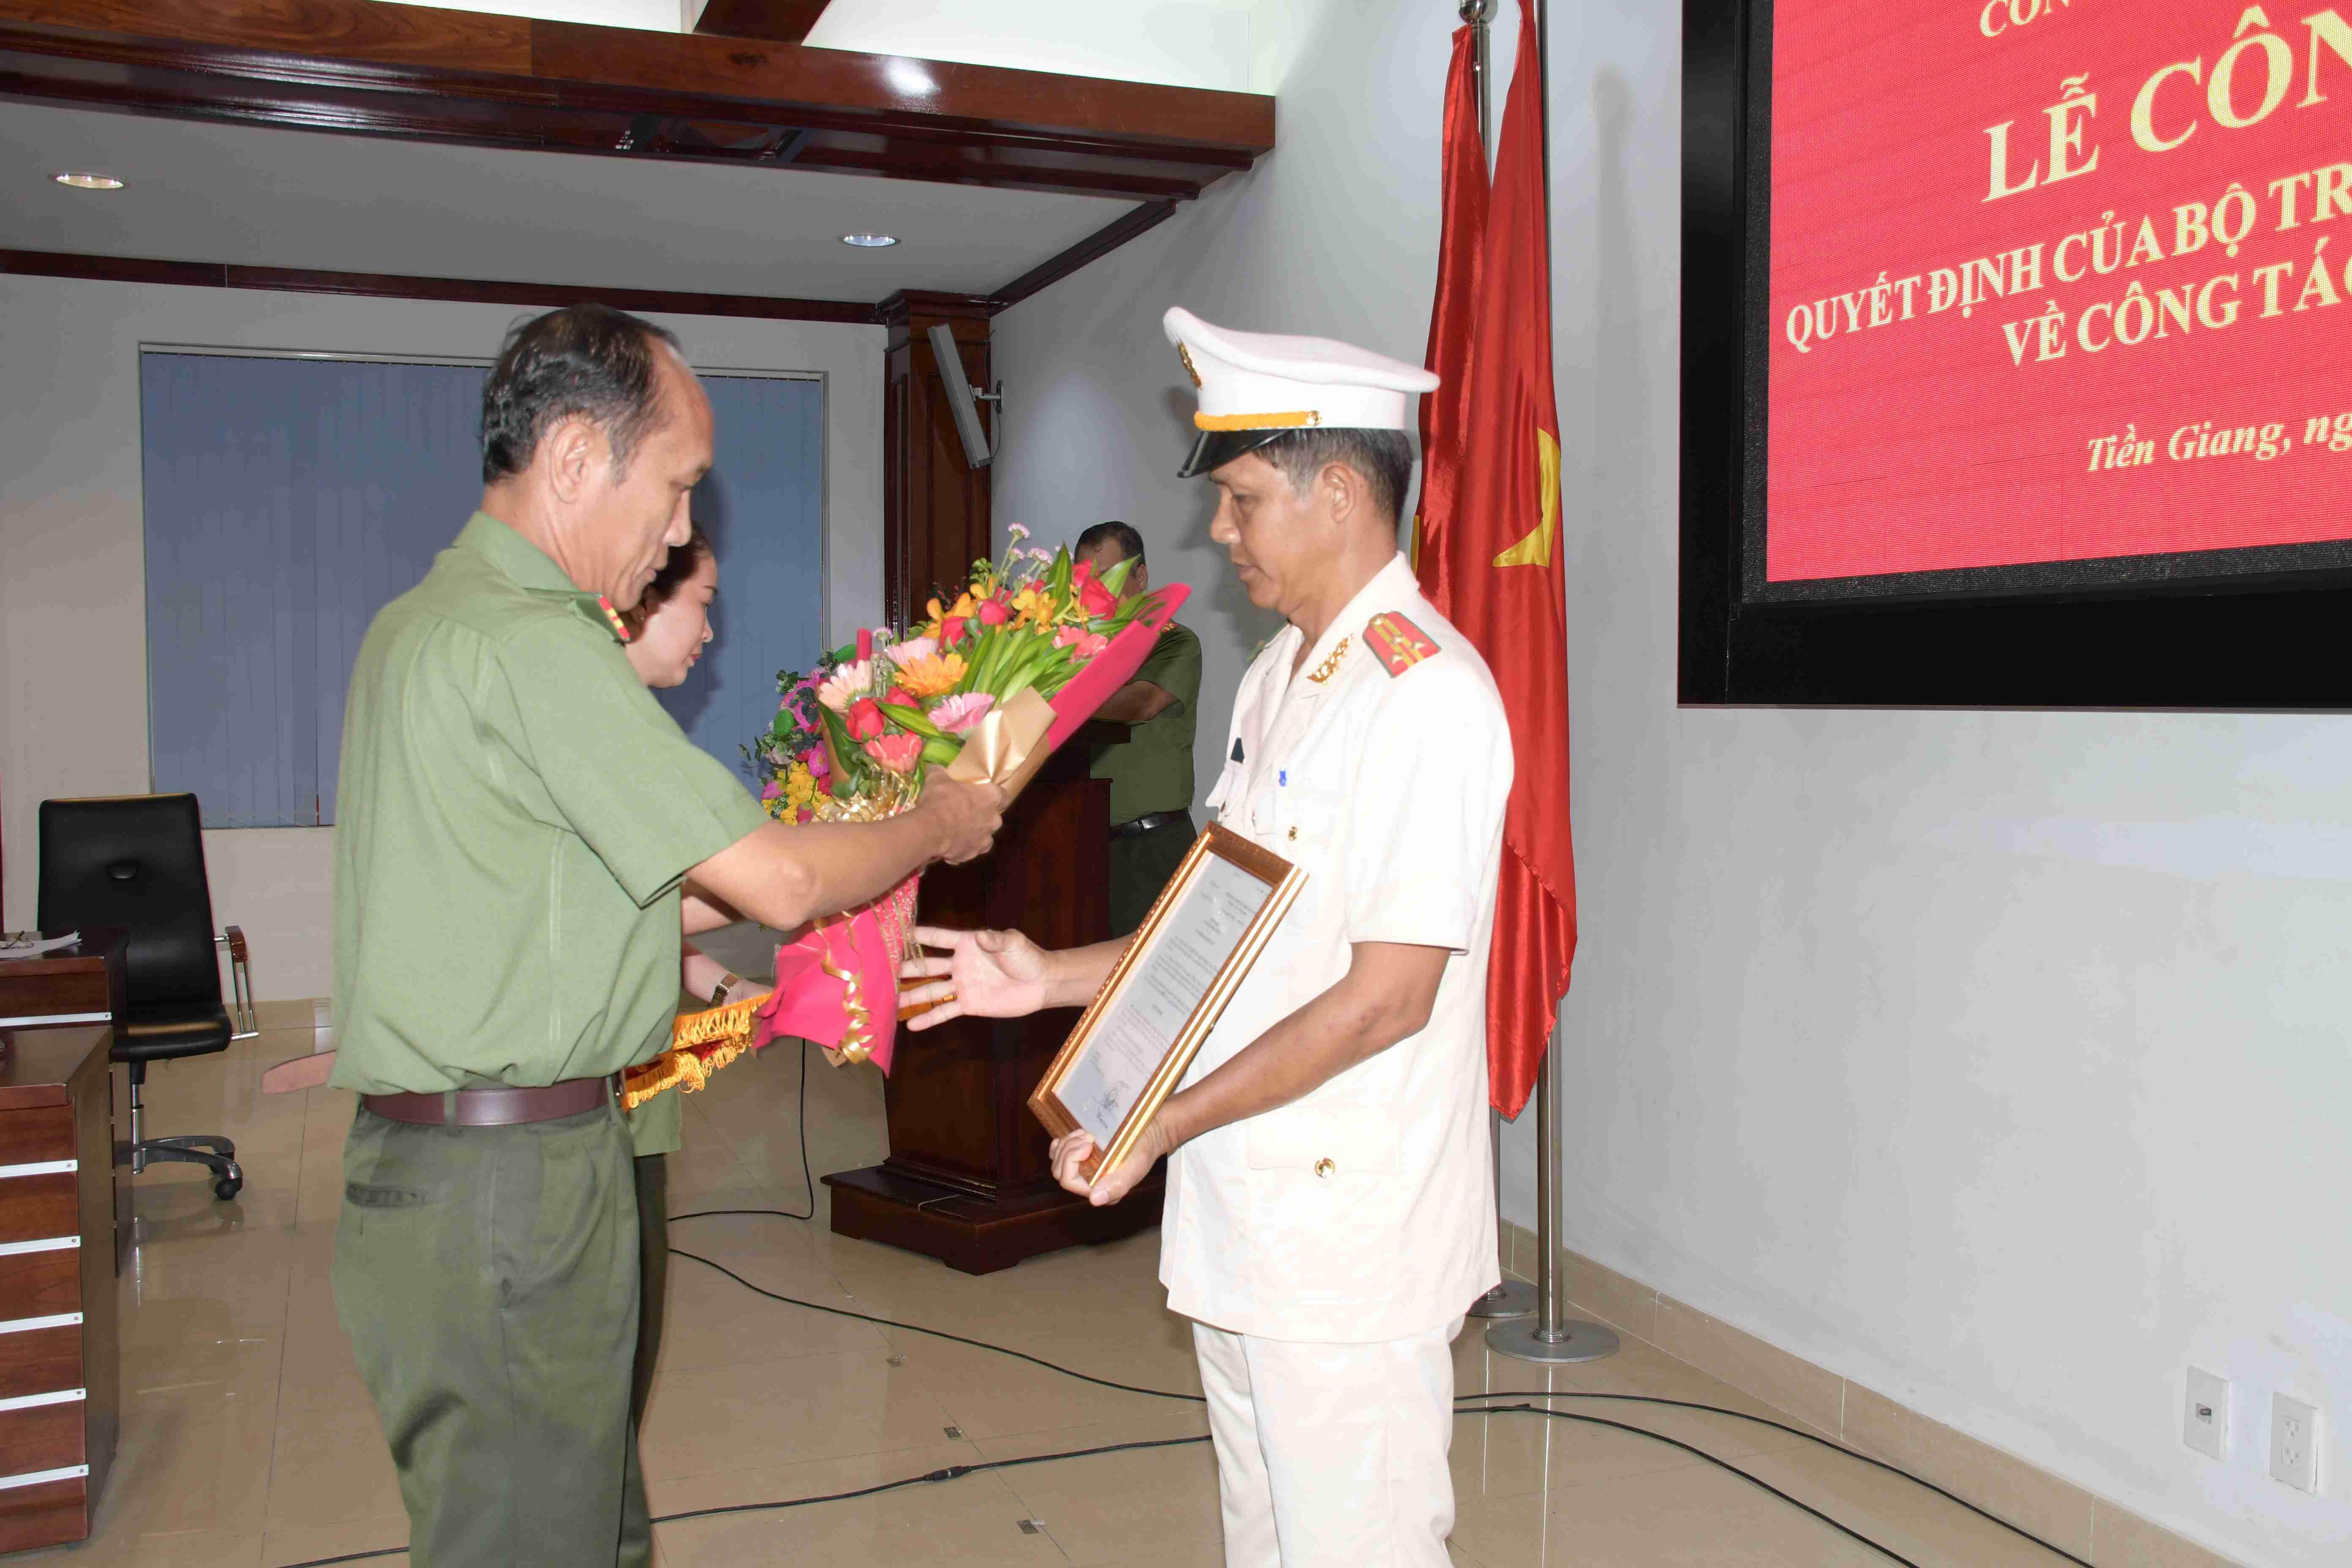 Bộ Công an điều động, bổ nhiệm 8 chỉ huy thuộc Công an Tiền Giang - Ảnh 2